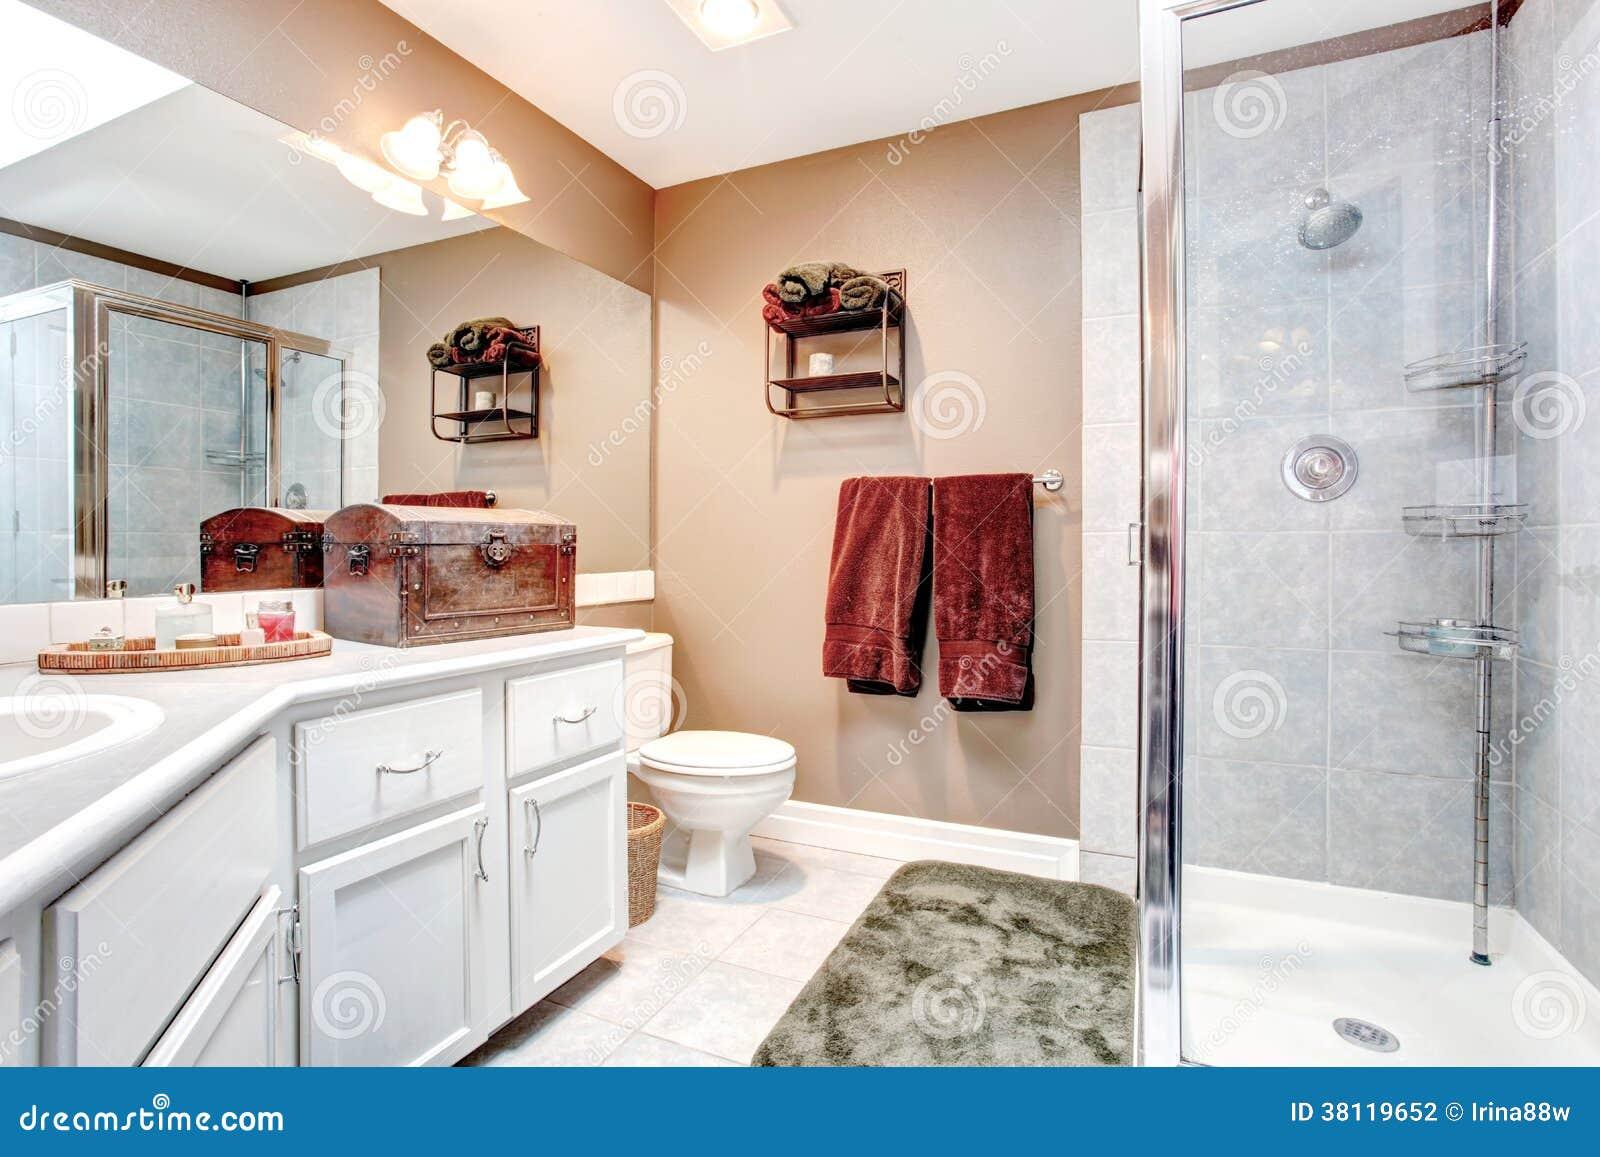 Bagno Beige E Bianco : Bagno con il petto antico decorativo fotografia stock immagine